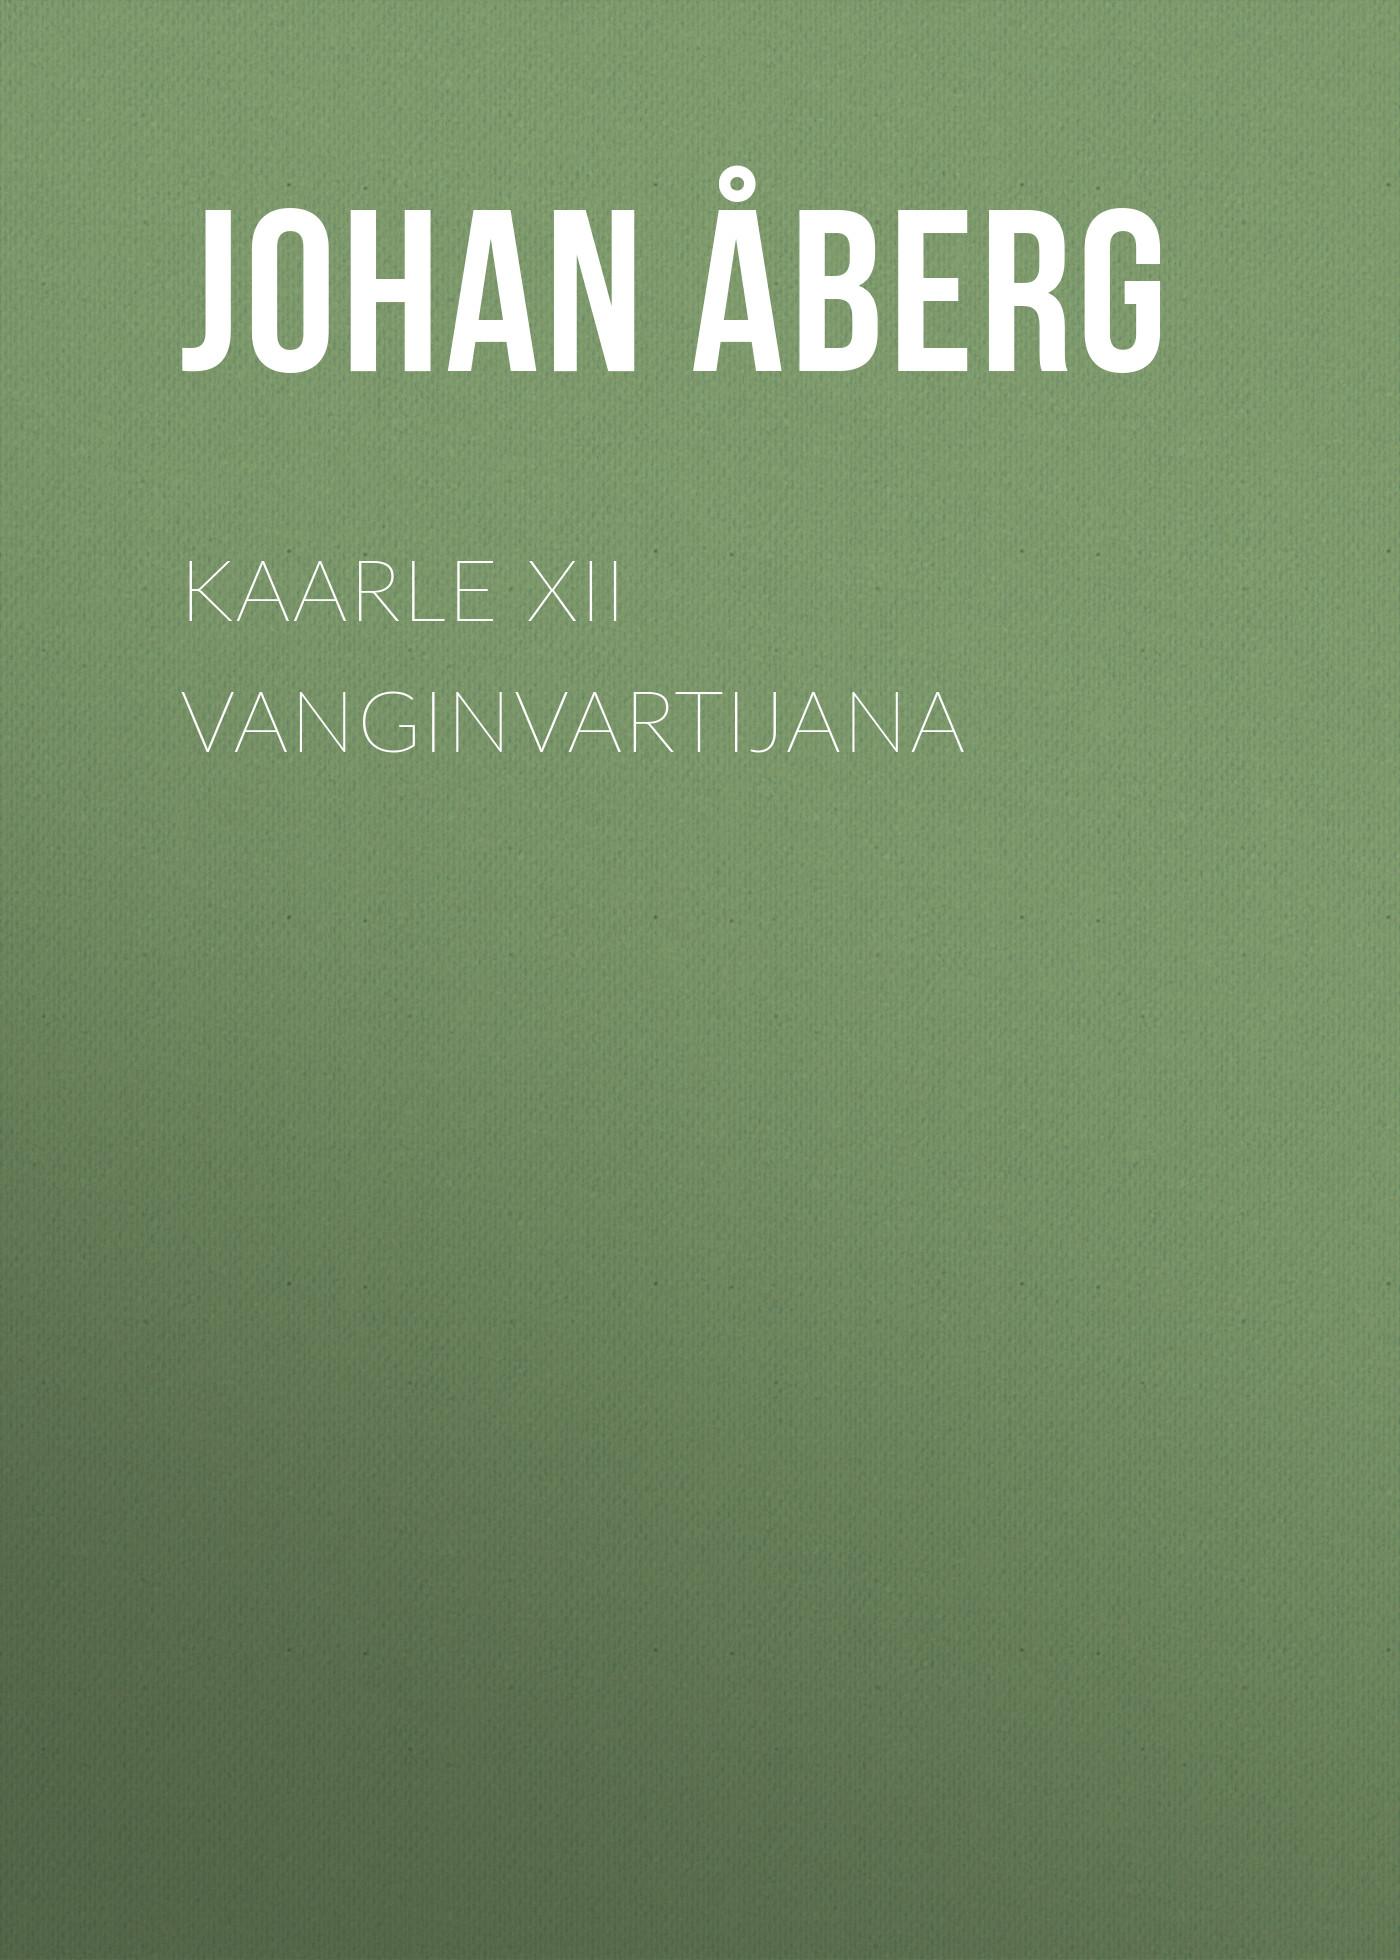 Åberg Johan Olof Kaarle XII vanginvartijana åberg johan olof mjölnarflickan vid lützen page 2